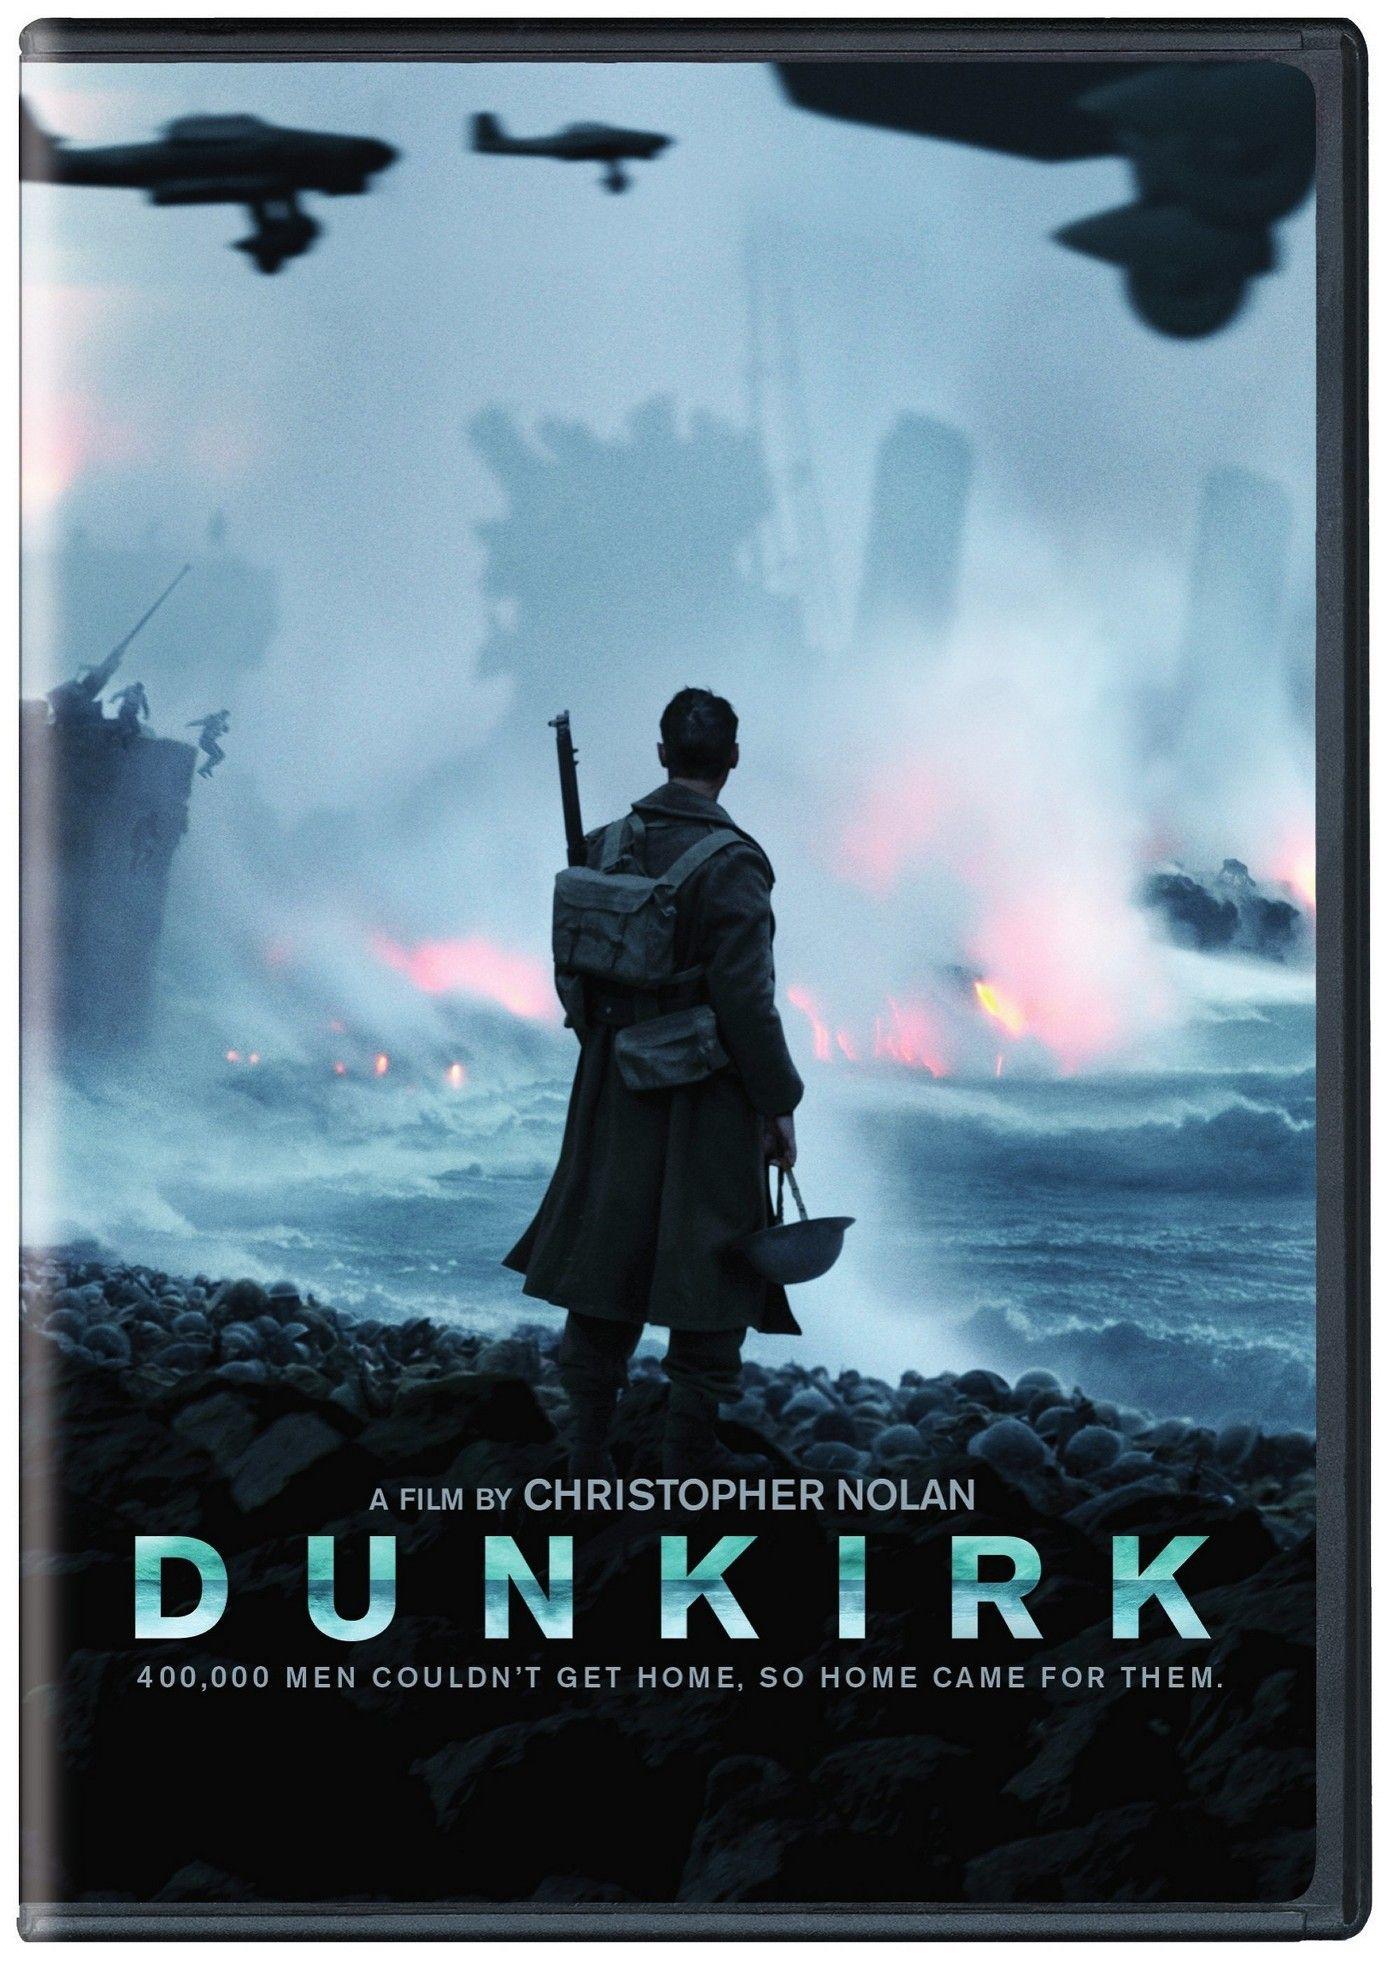 Dunkirk 2017 Special Edition Dvd In 2021 Dunkirk Movie Dunkirk Christopher Nolan